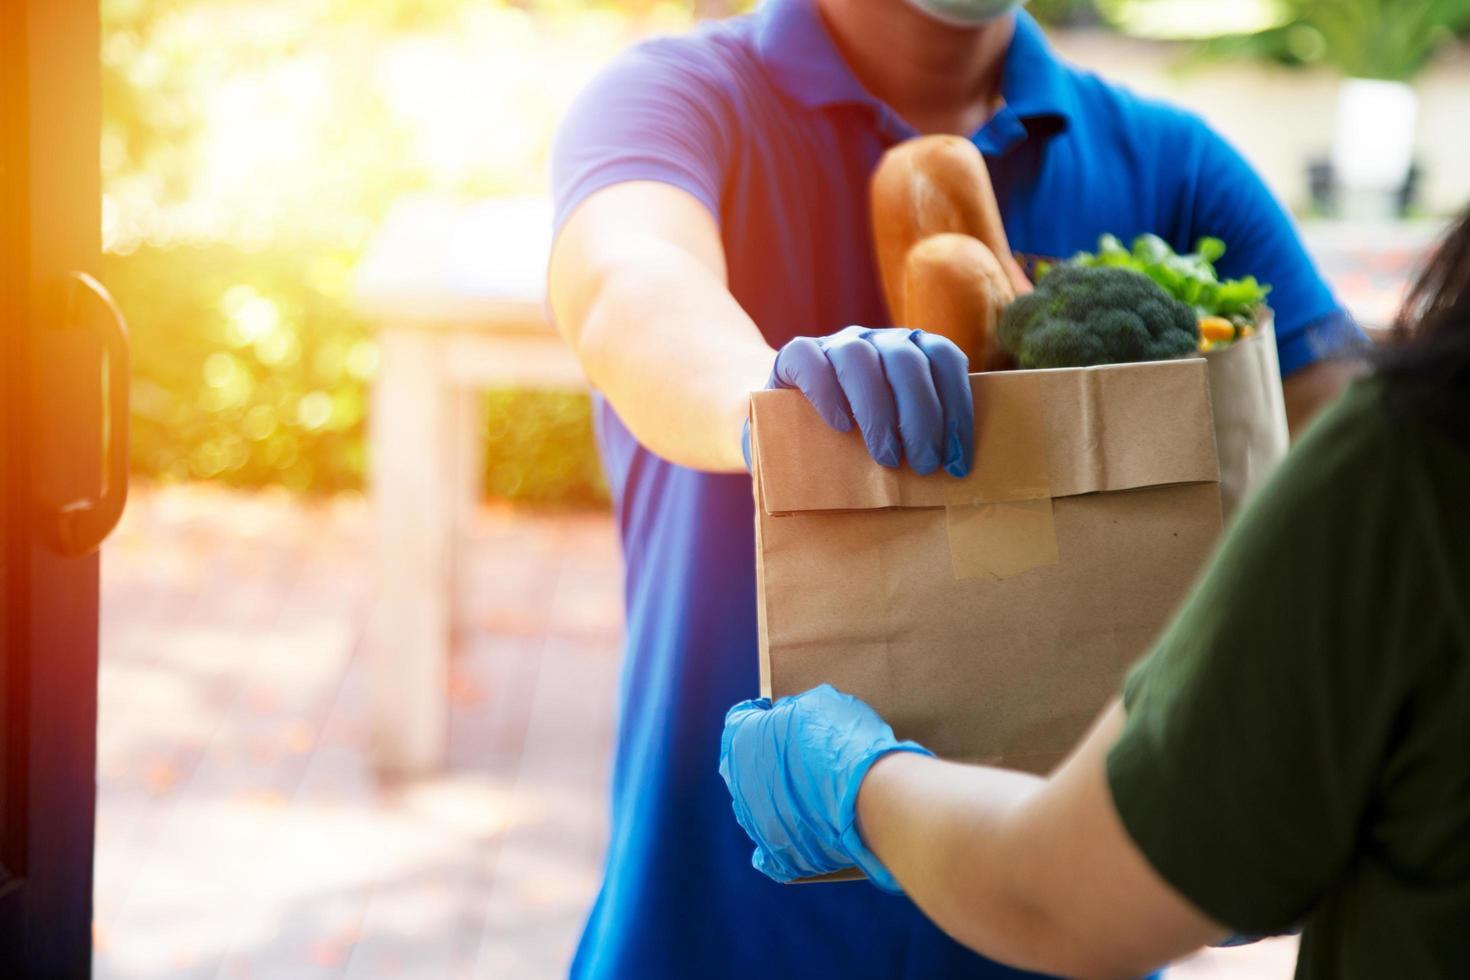 foodserviceproviders die maskers en handschoenen dragen. thuisblijven vermindert de verspreiding van het covid-19-virus foto